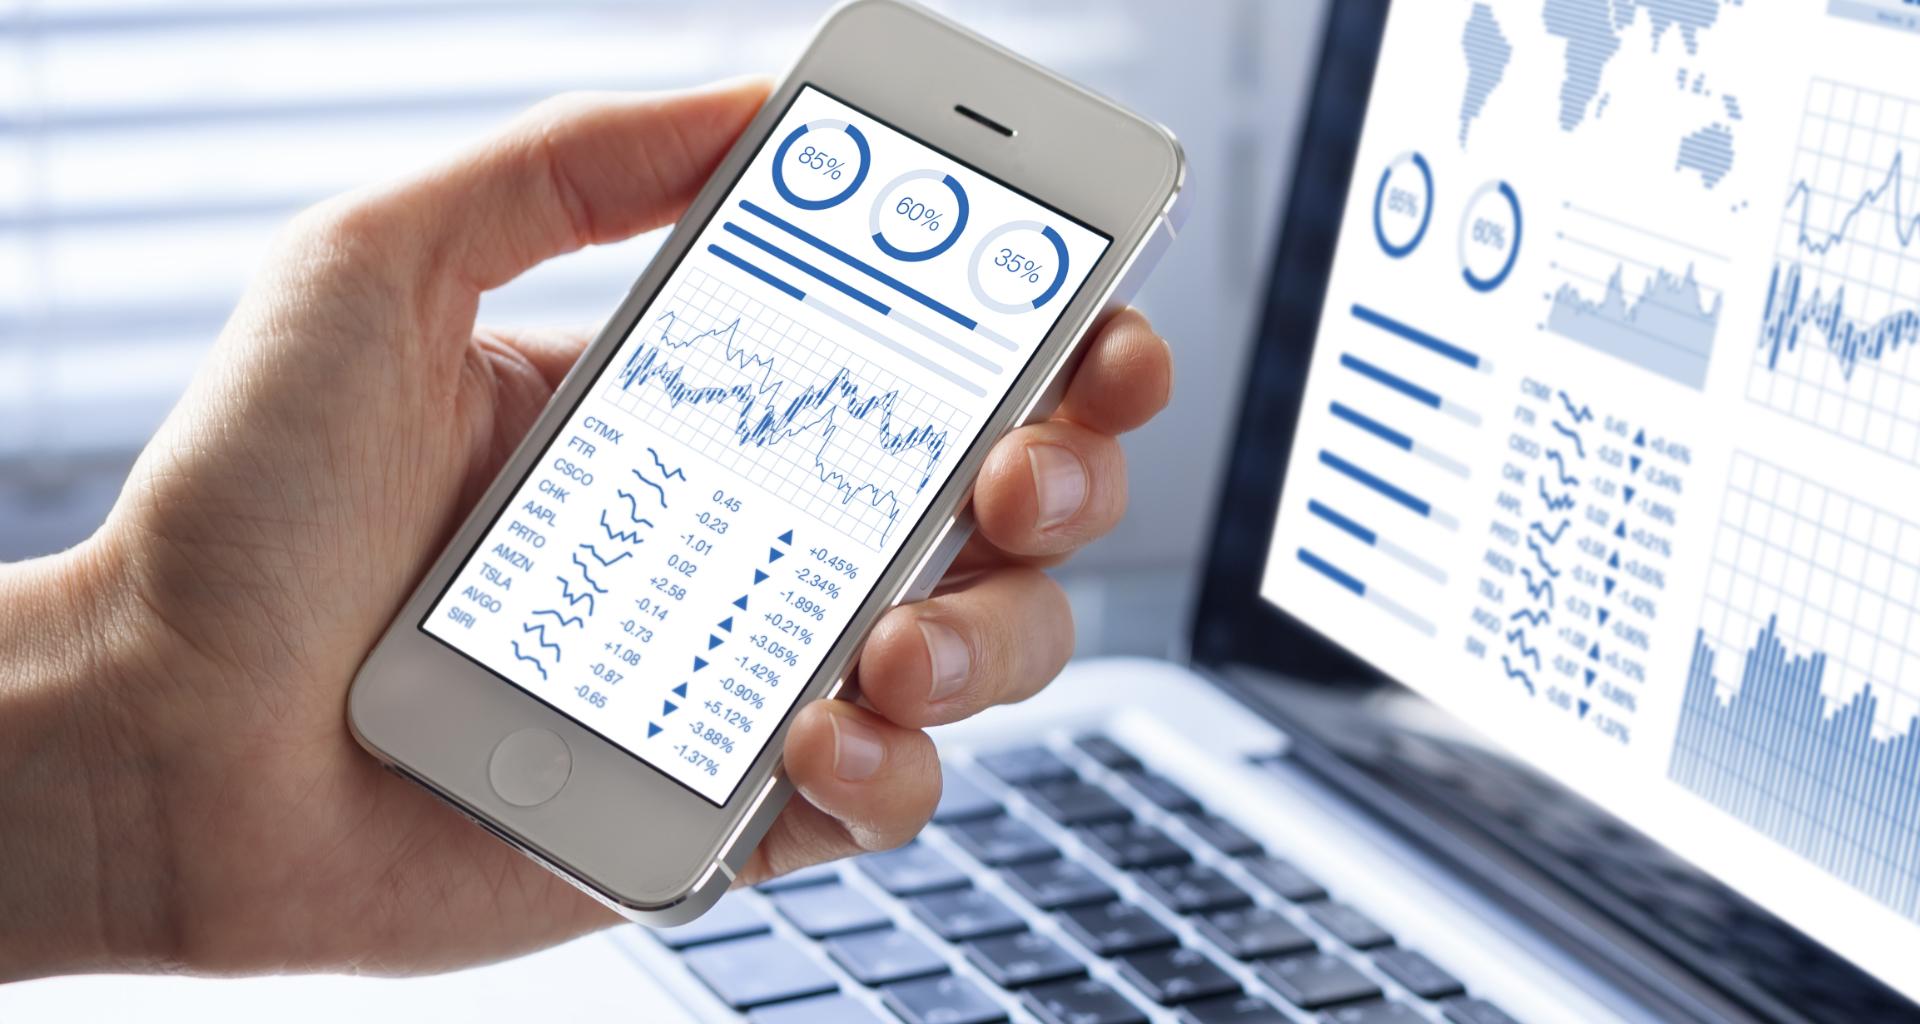 Enostavna Davčna blagajna (fiskalizacija – prodaja storitev in izdelkov): Kranj in okolica | najboljši ponudniki poslovnih programov